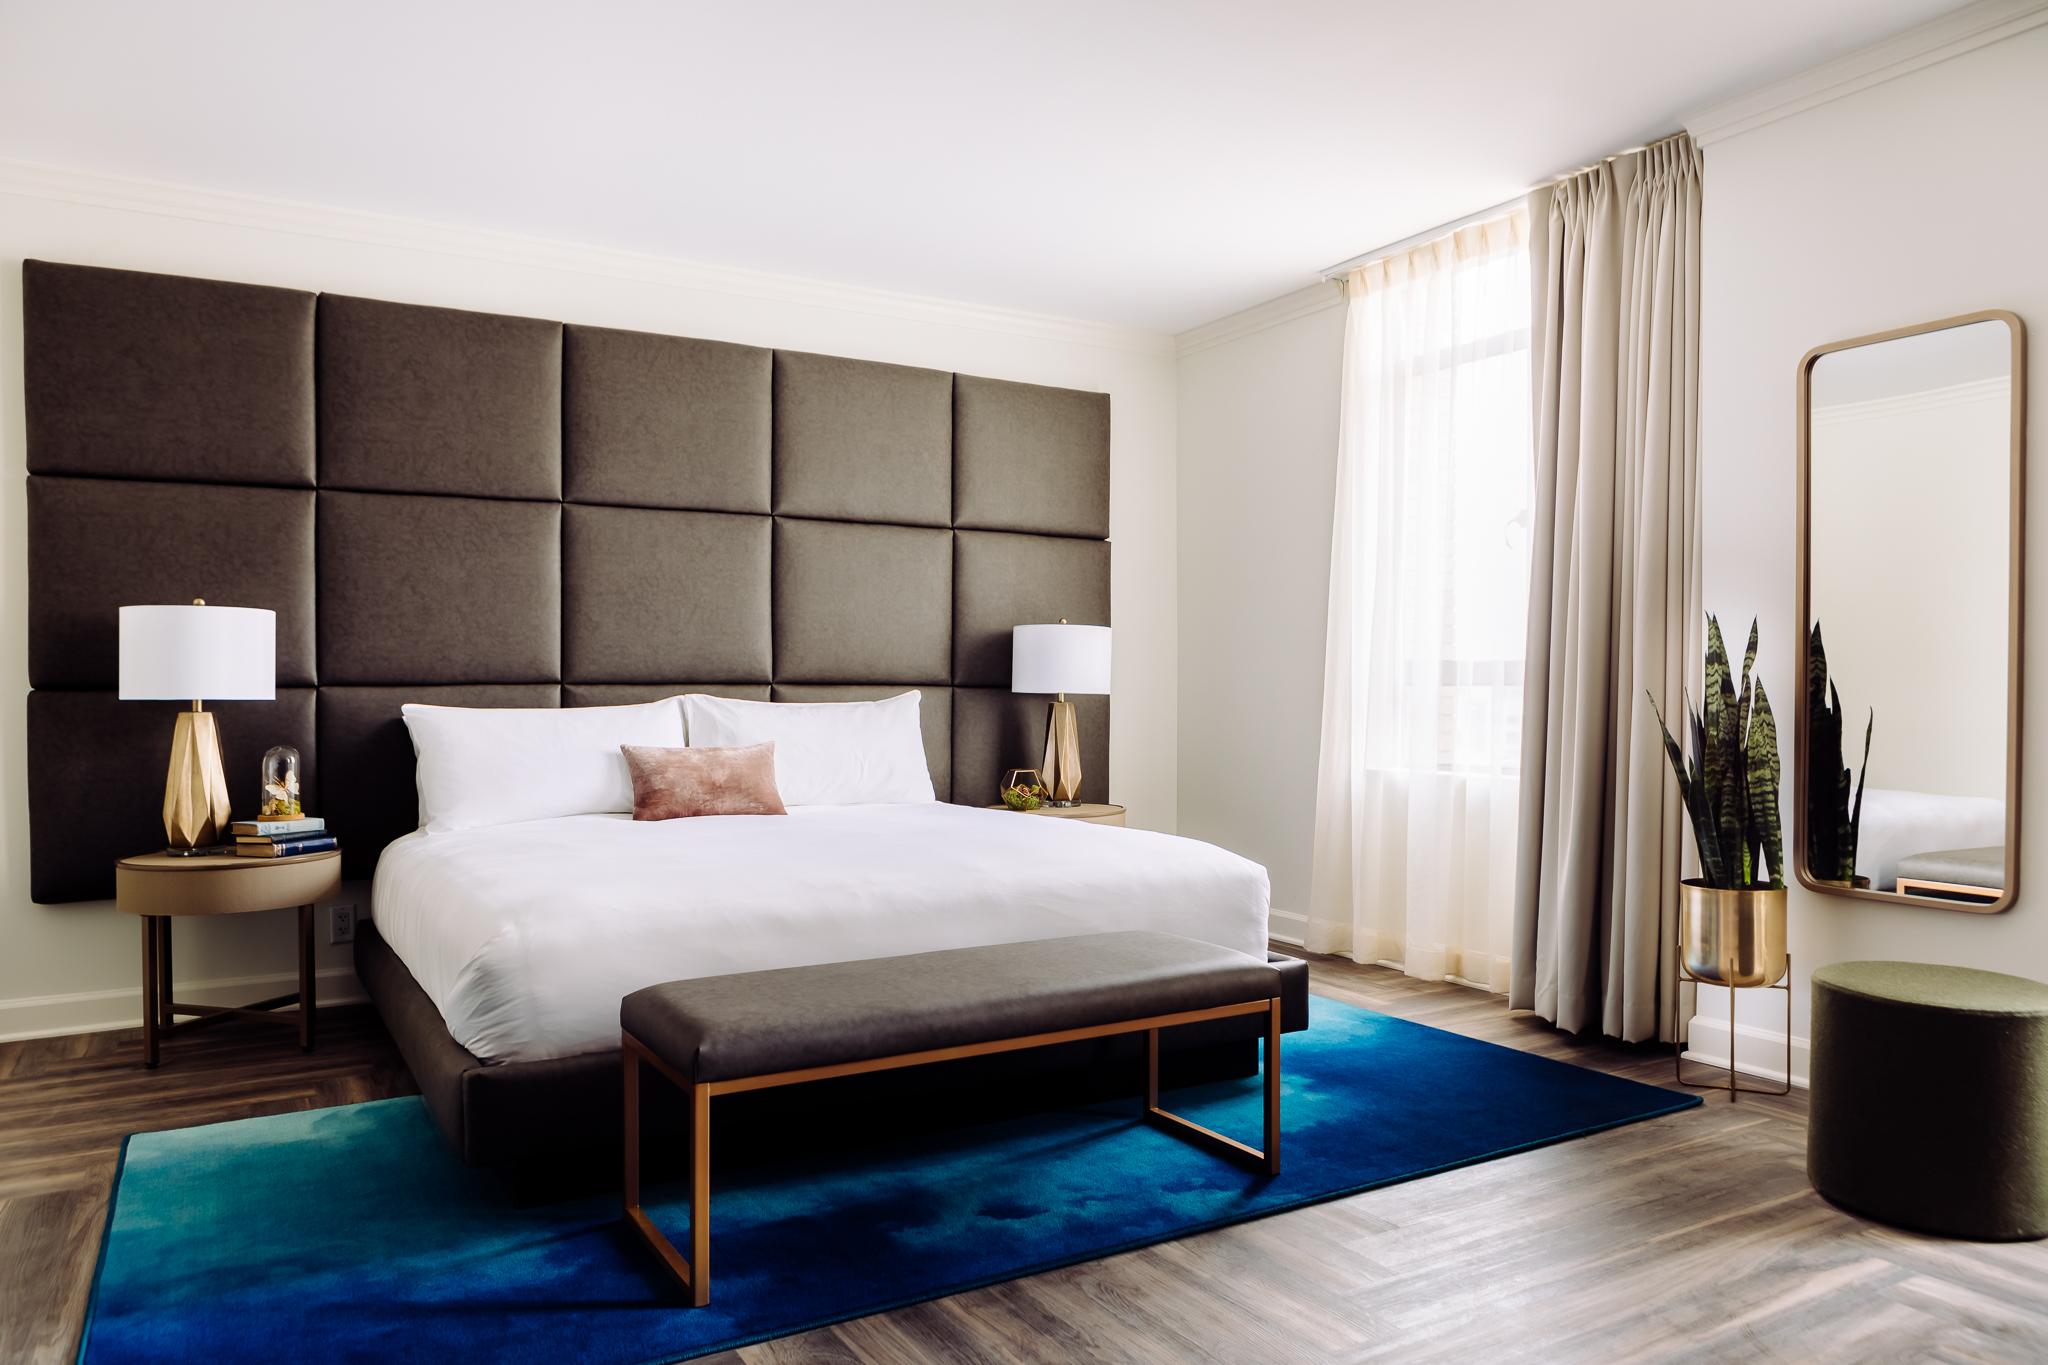 ADA King Room At Hotel Deco Omaha